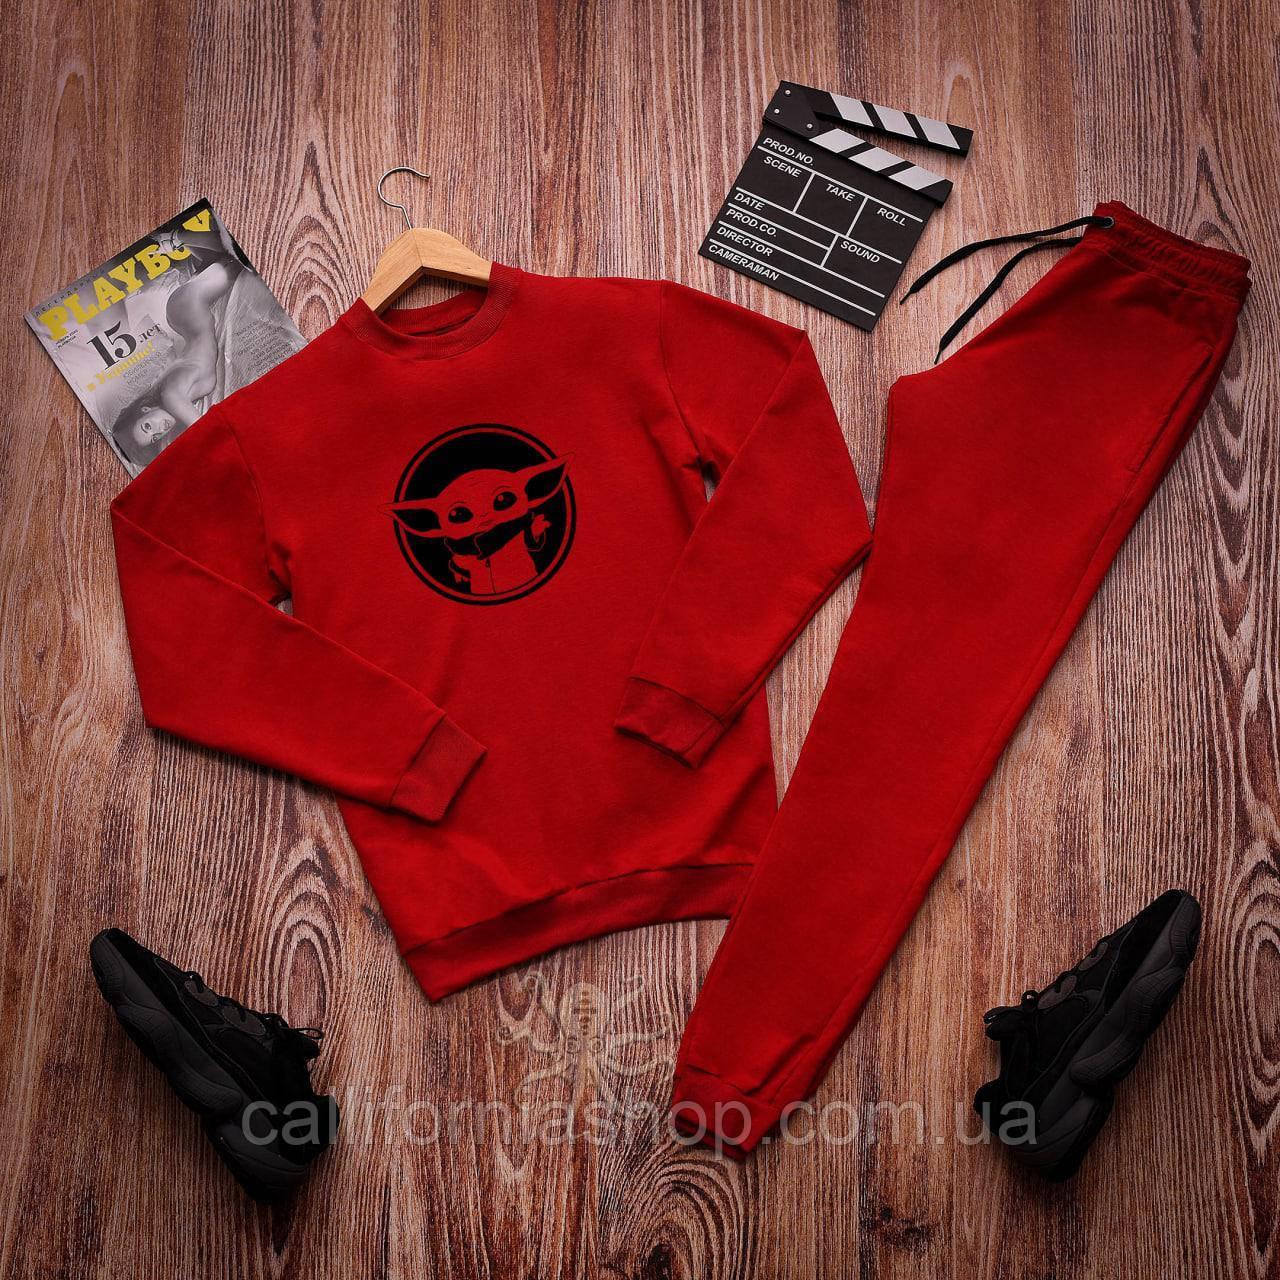 """Спортивний костюм чоловічий червоний з принтом маленький """"Йода"""" легкий двунитка"""